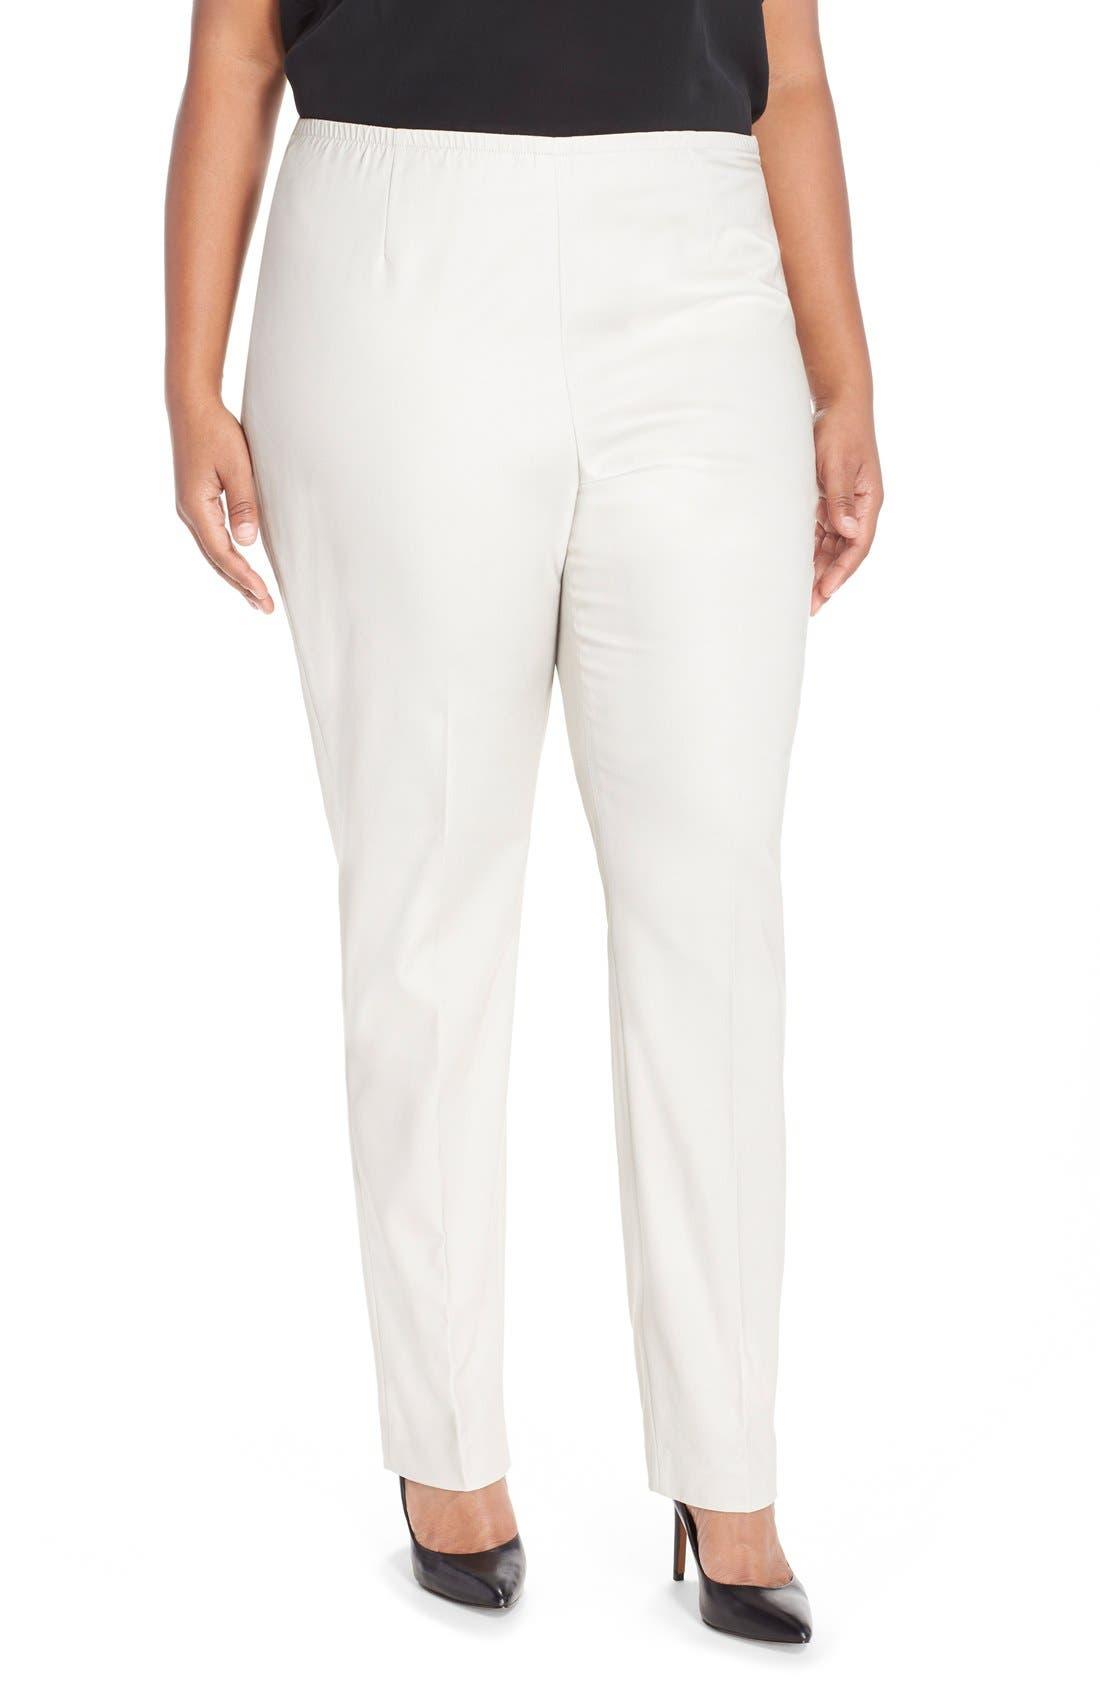 NIC+ZOE 'Perfect' Side Zip Pants